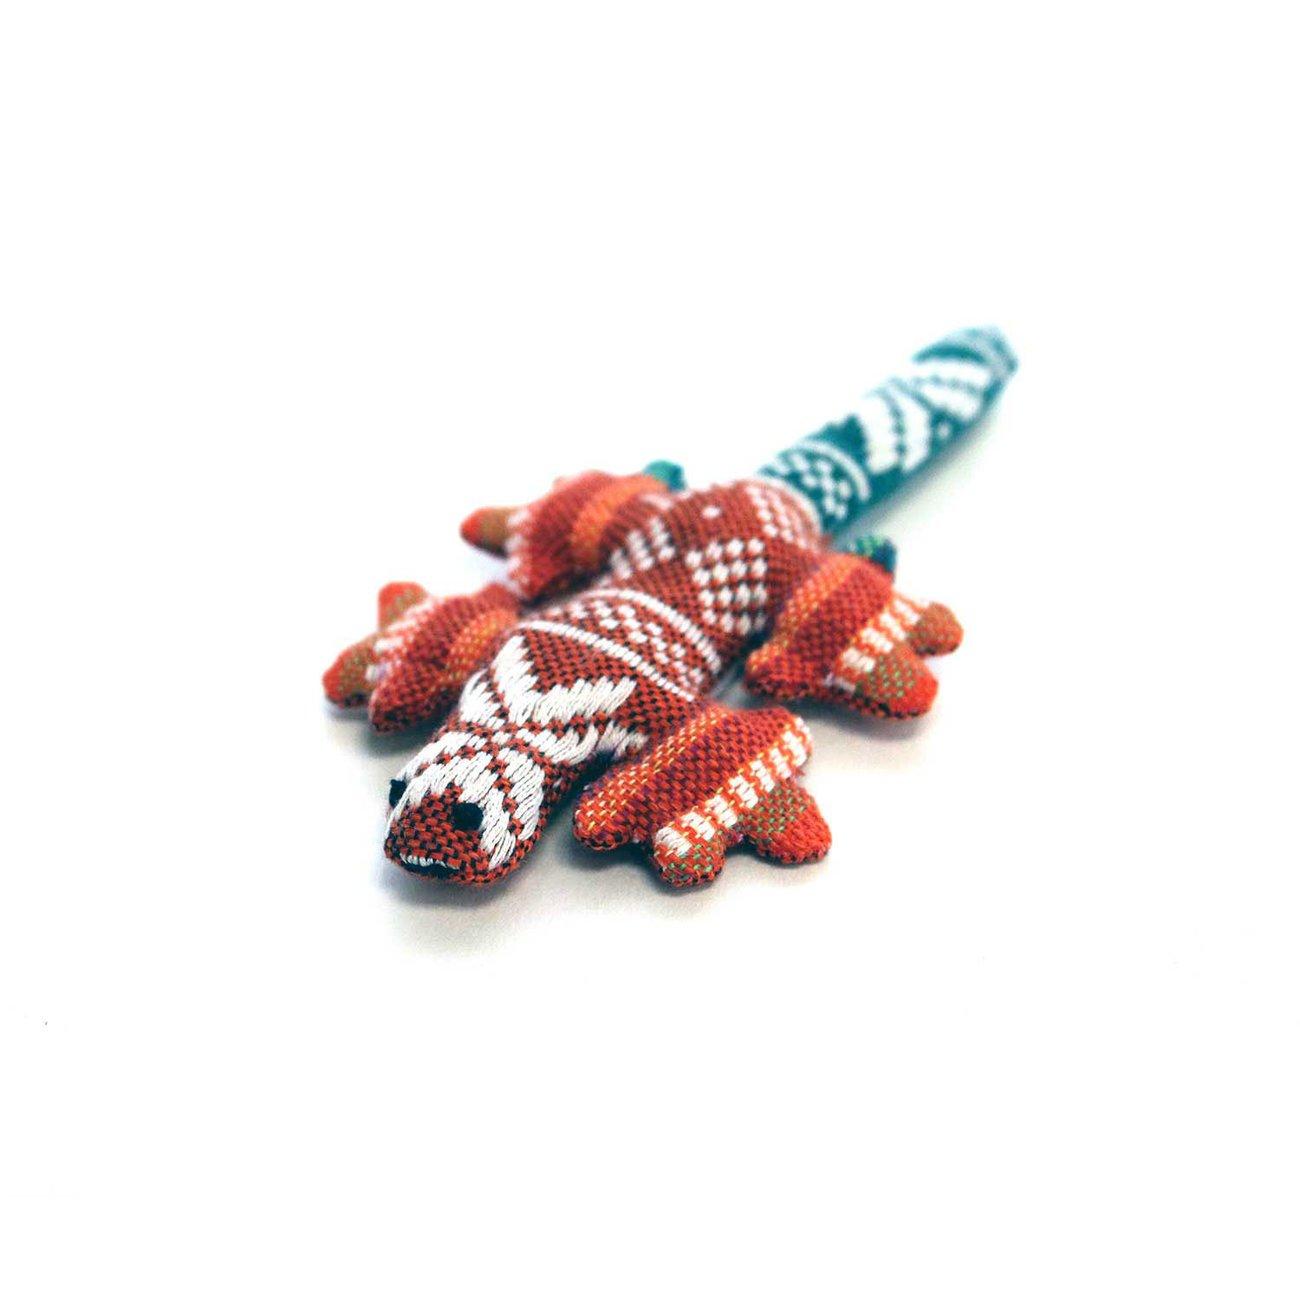 Wolters Katzenspass Spielzeug mit Baldrian, Bild 7